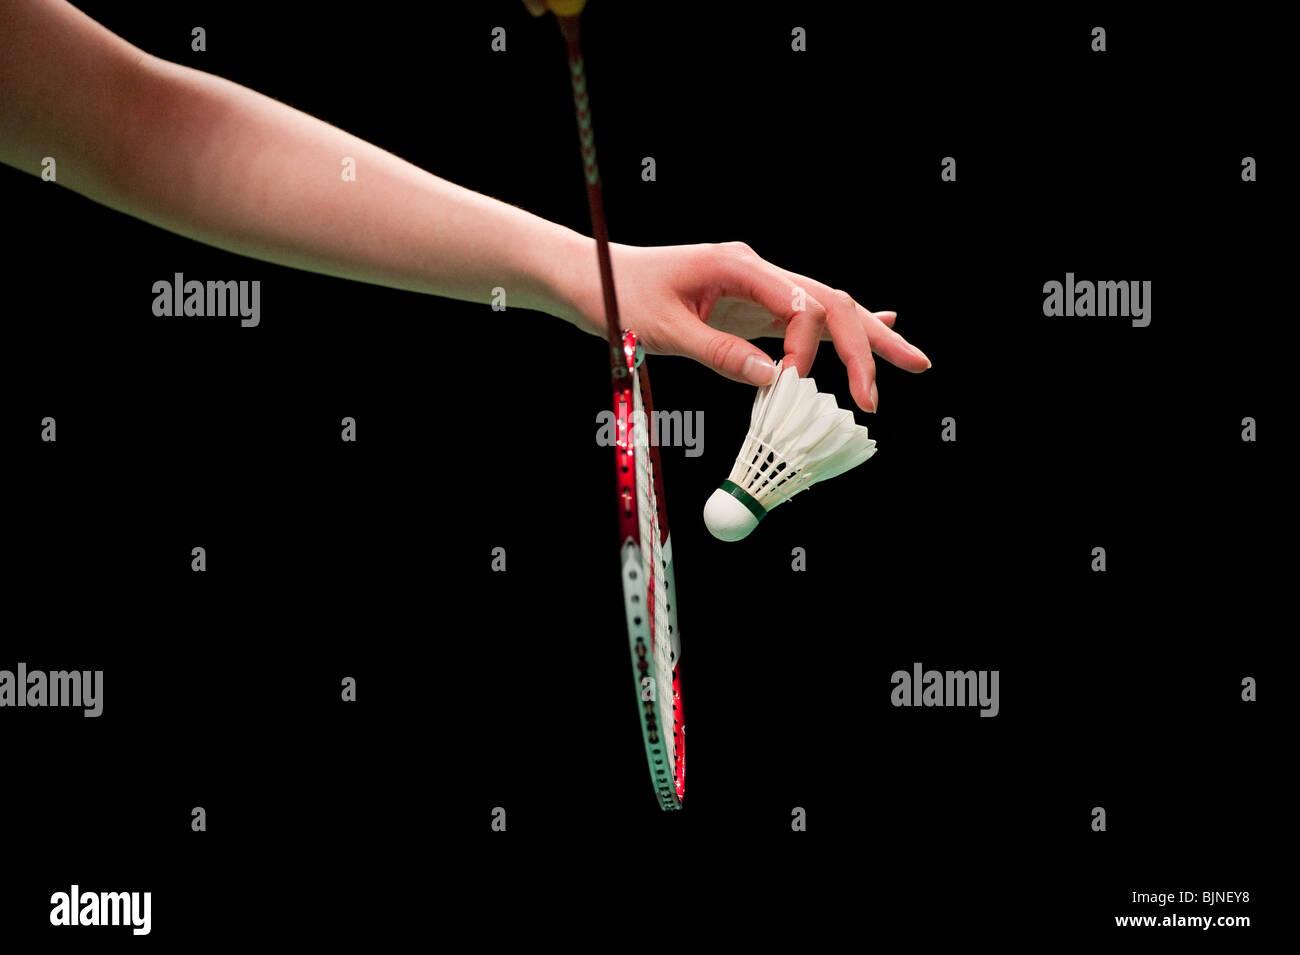 Un jugador de bádminton se prepara para servir un shuttlecock Imagen De Stock